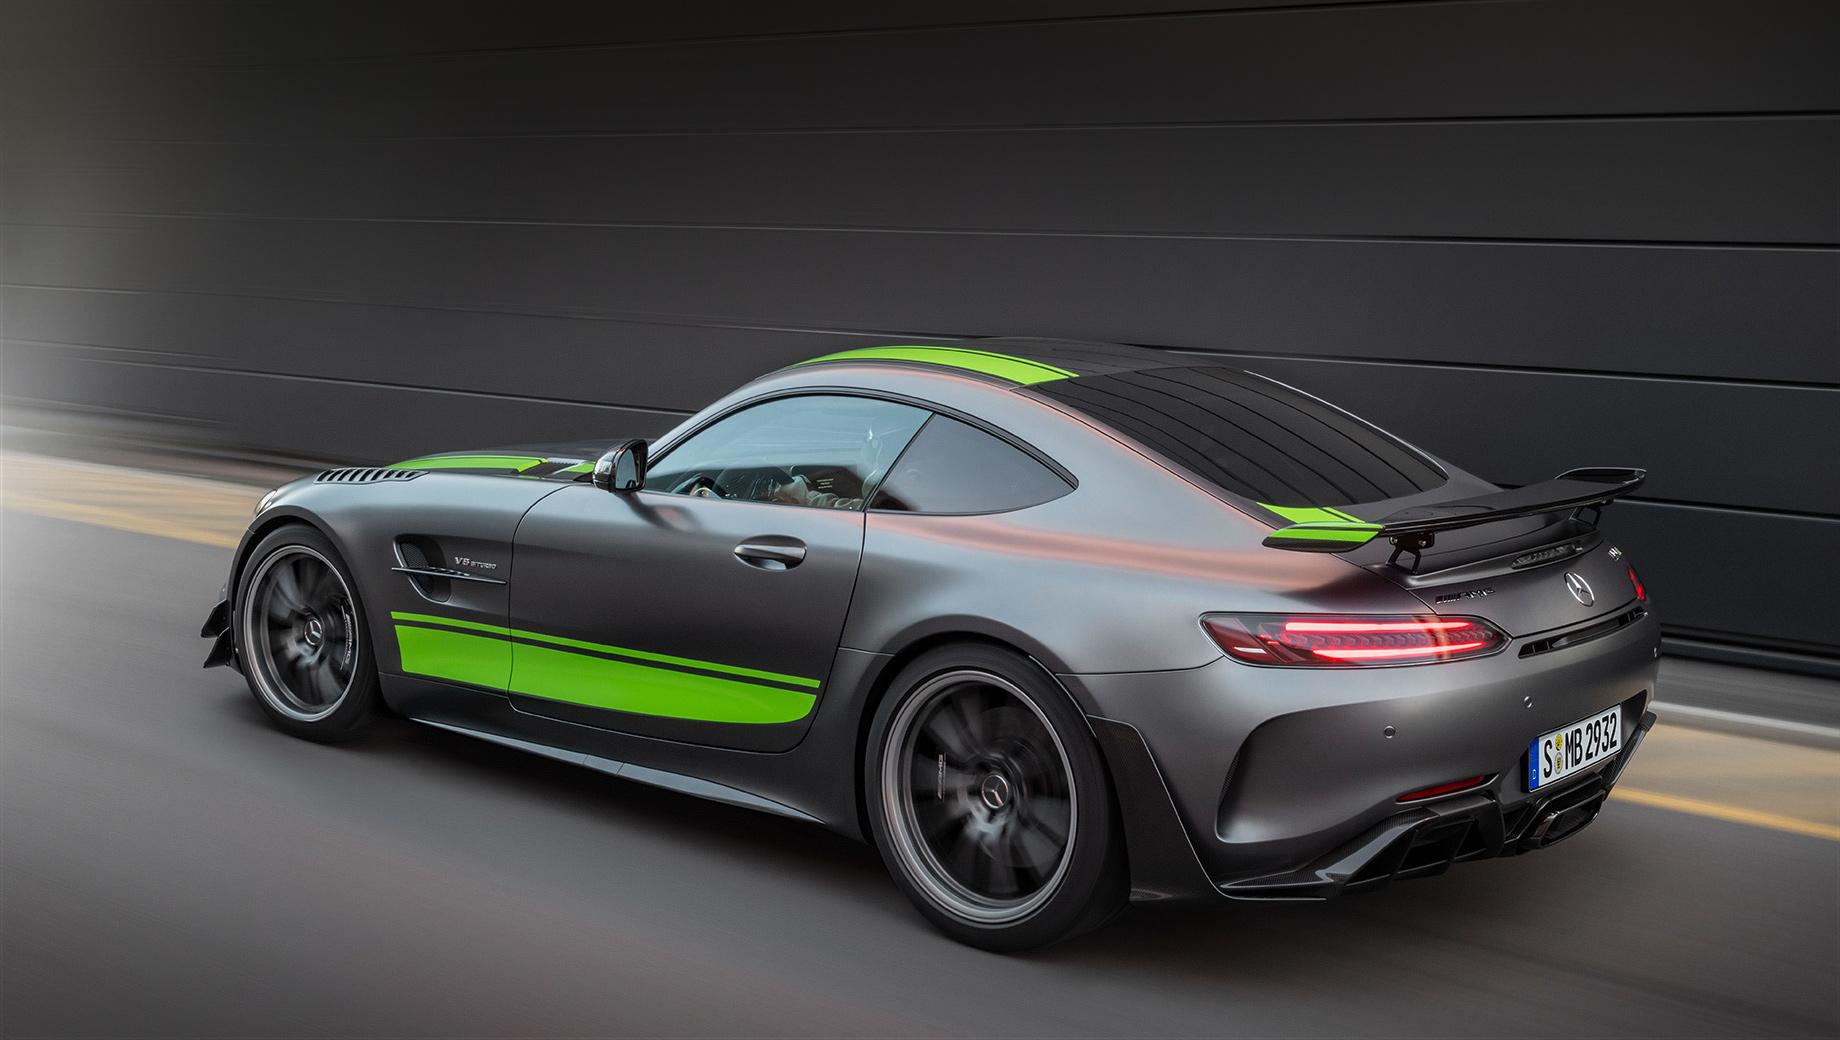 Mercedes amg gt,Mercedes amg gt r,Mercedes amg gt r roadster,Mercedes amg gt r pro. Самой способной «эркой» считается ориентированная на трек версия GT R Pro (на фото), увидевшая свет в конце 2018 года. Первенец, GT R Coupe, появился летом 2016-го, а GT R Roadster подтянулся весной 2019-го. Все GT-машины производит немецкий завод в Зиндельфингене.